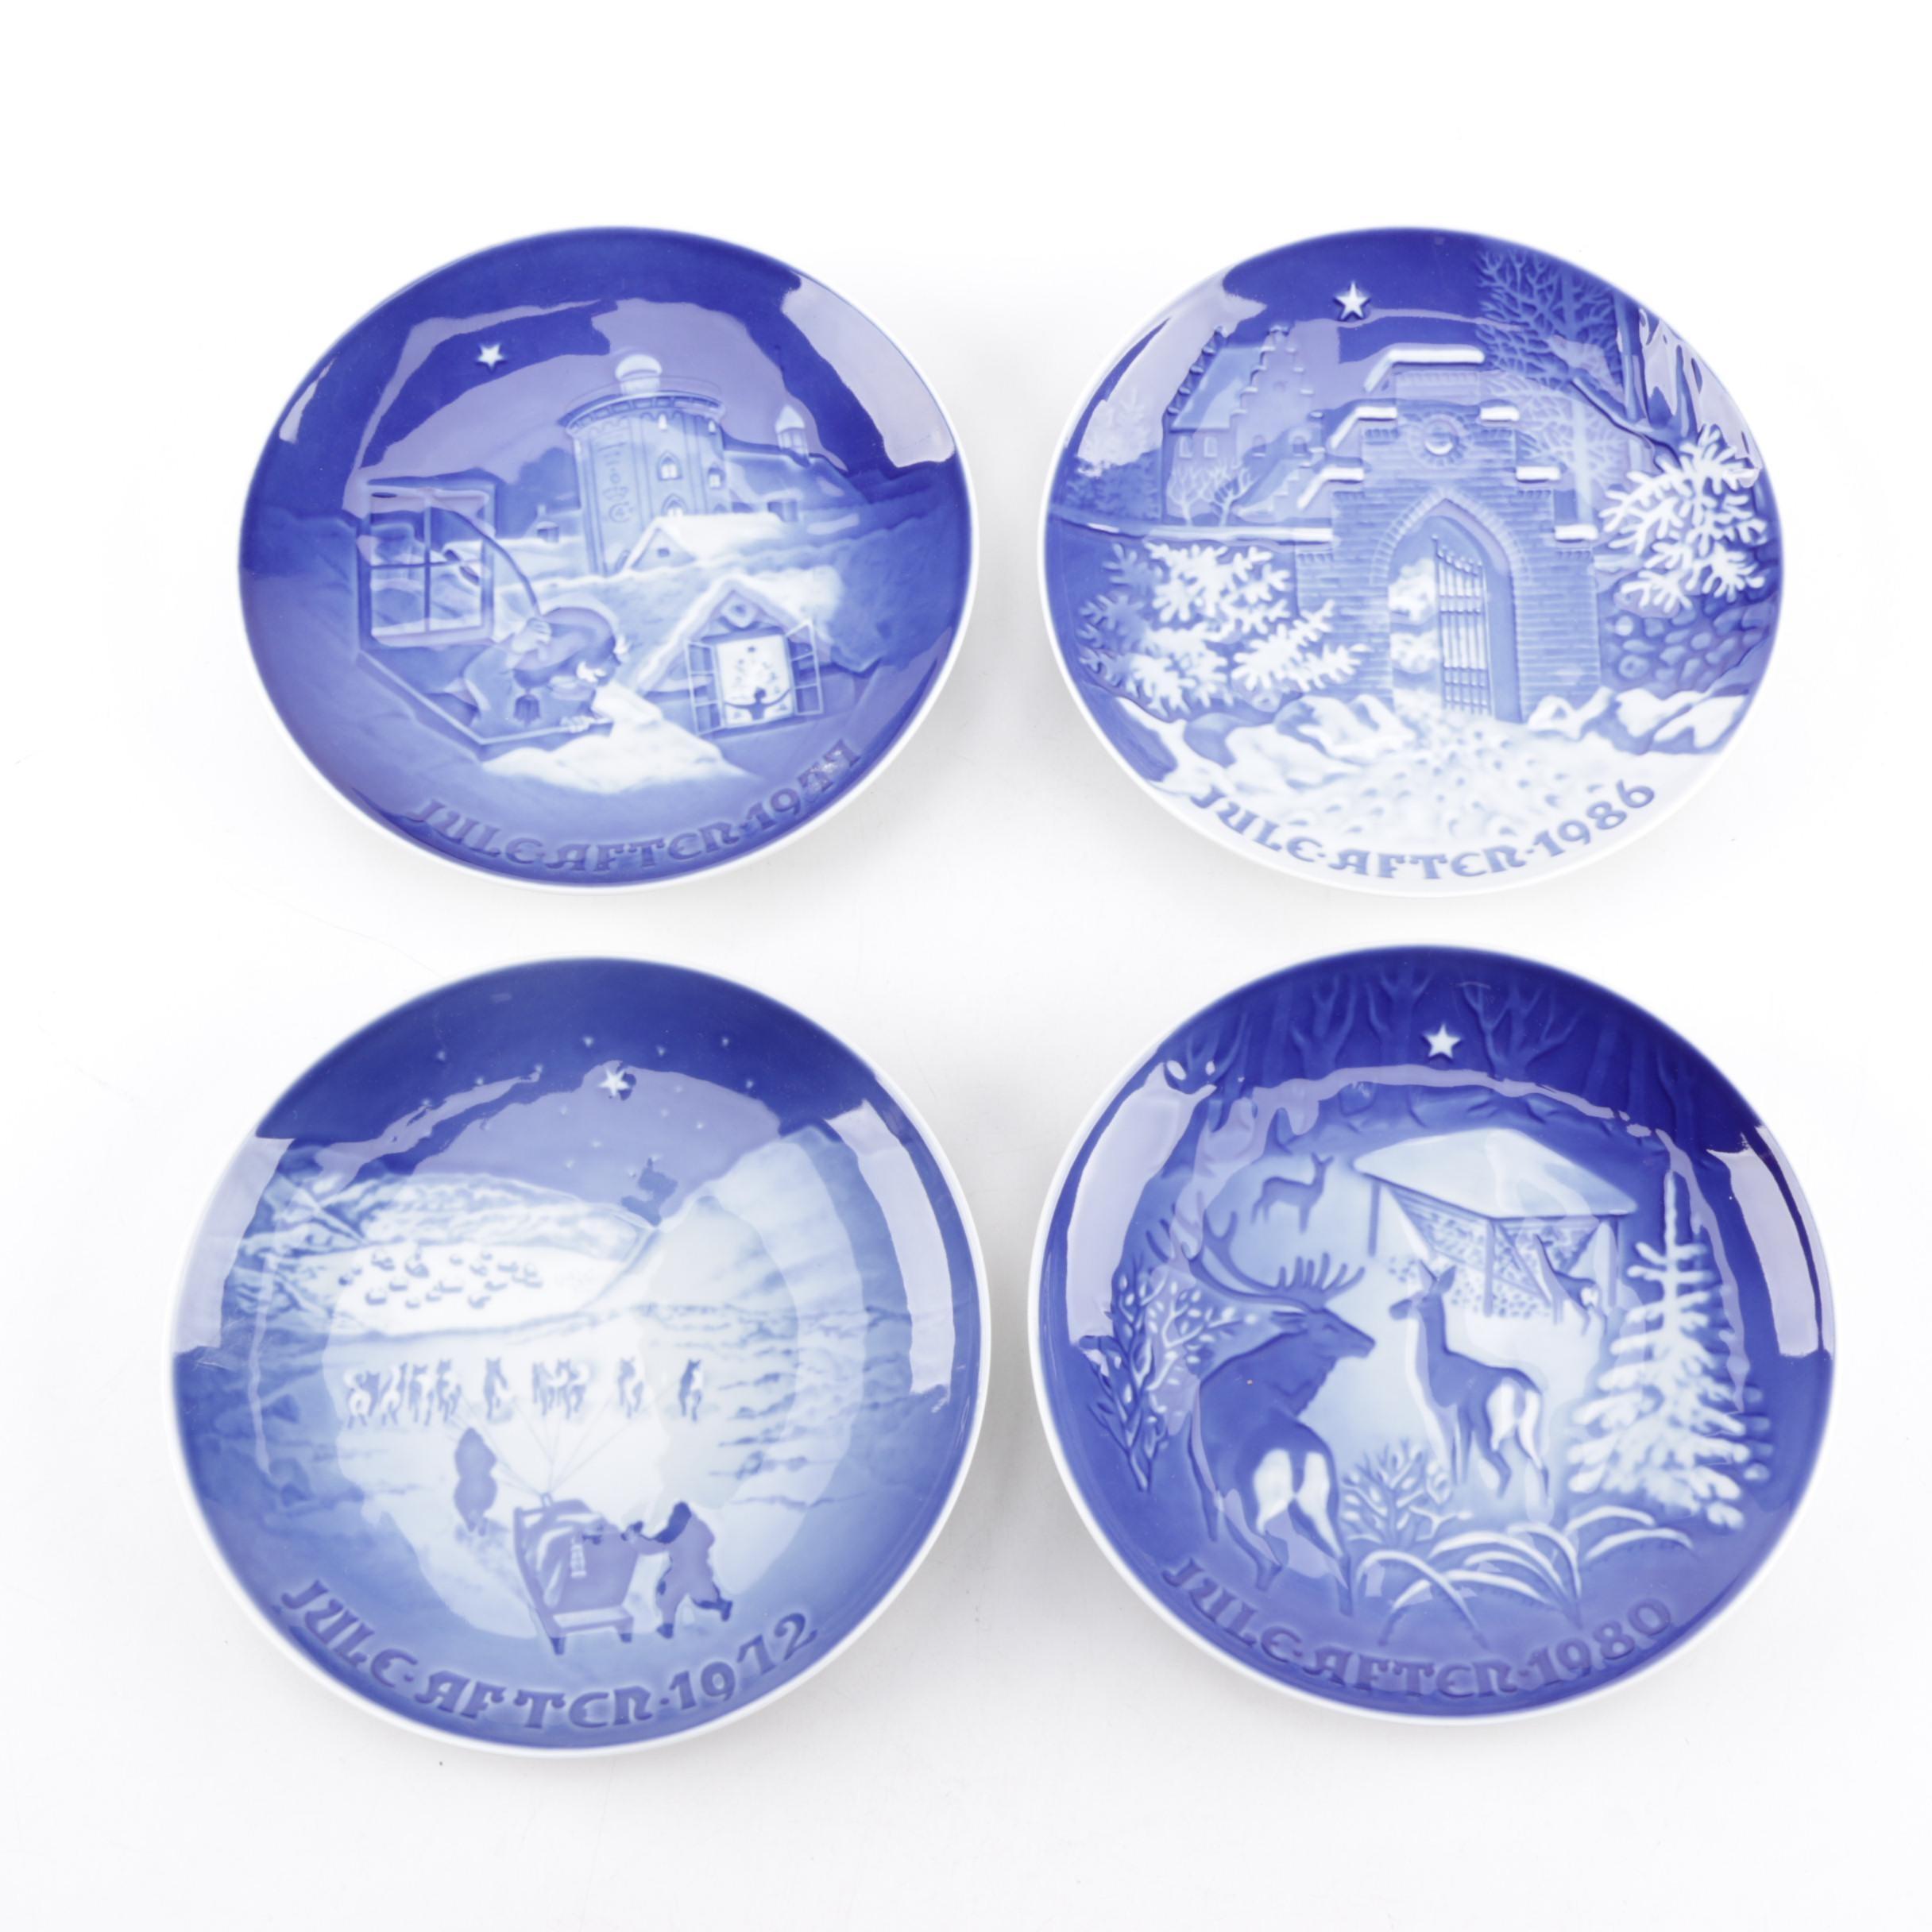 Bing & Grøndahl Porcelain Christmas Plates